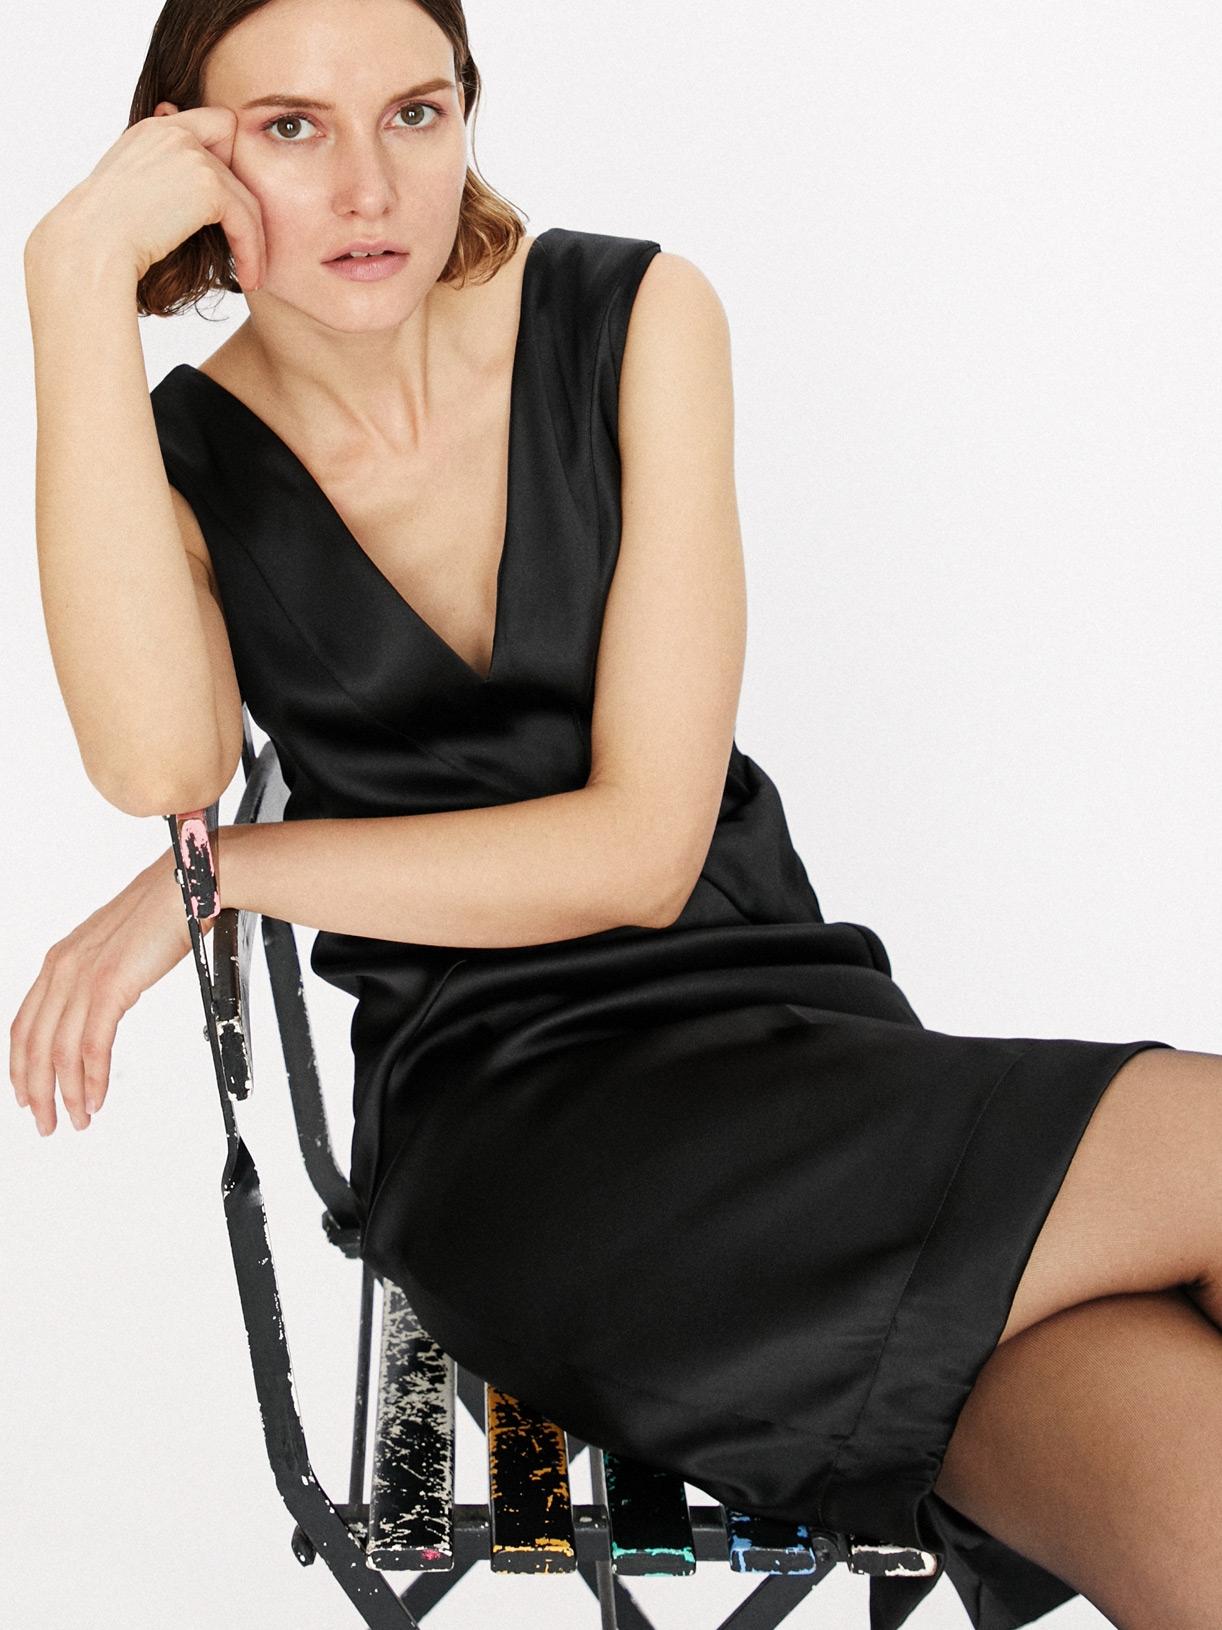 Robe de soirée sexy noire éthique et sur-mesure Inès - Myphilosophy